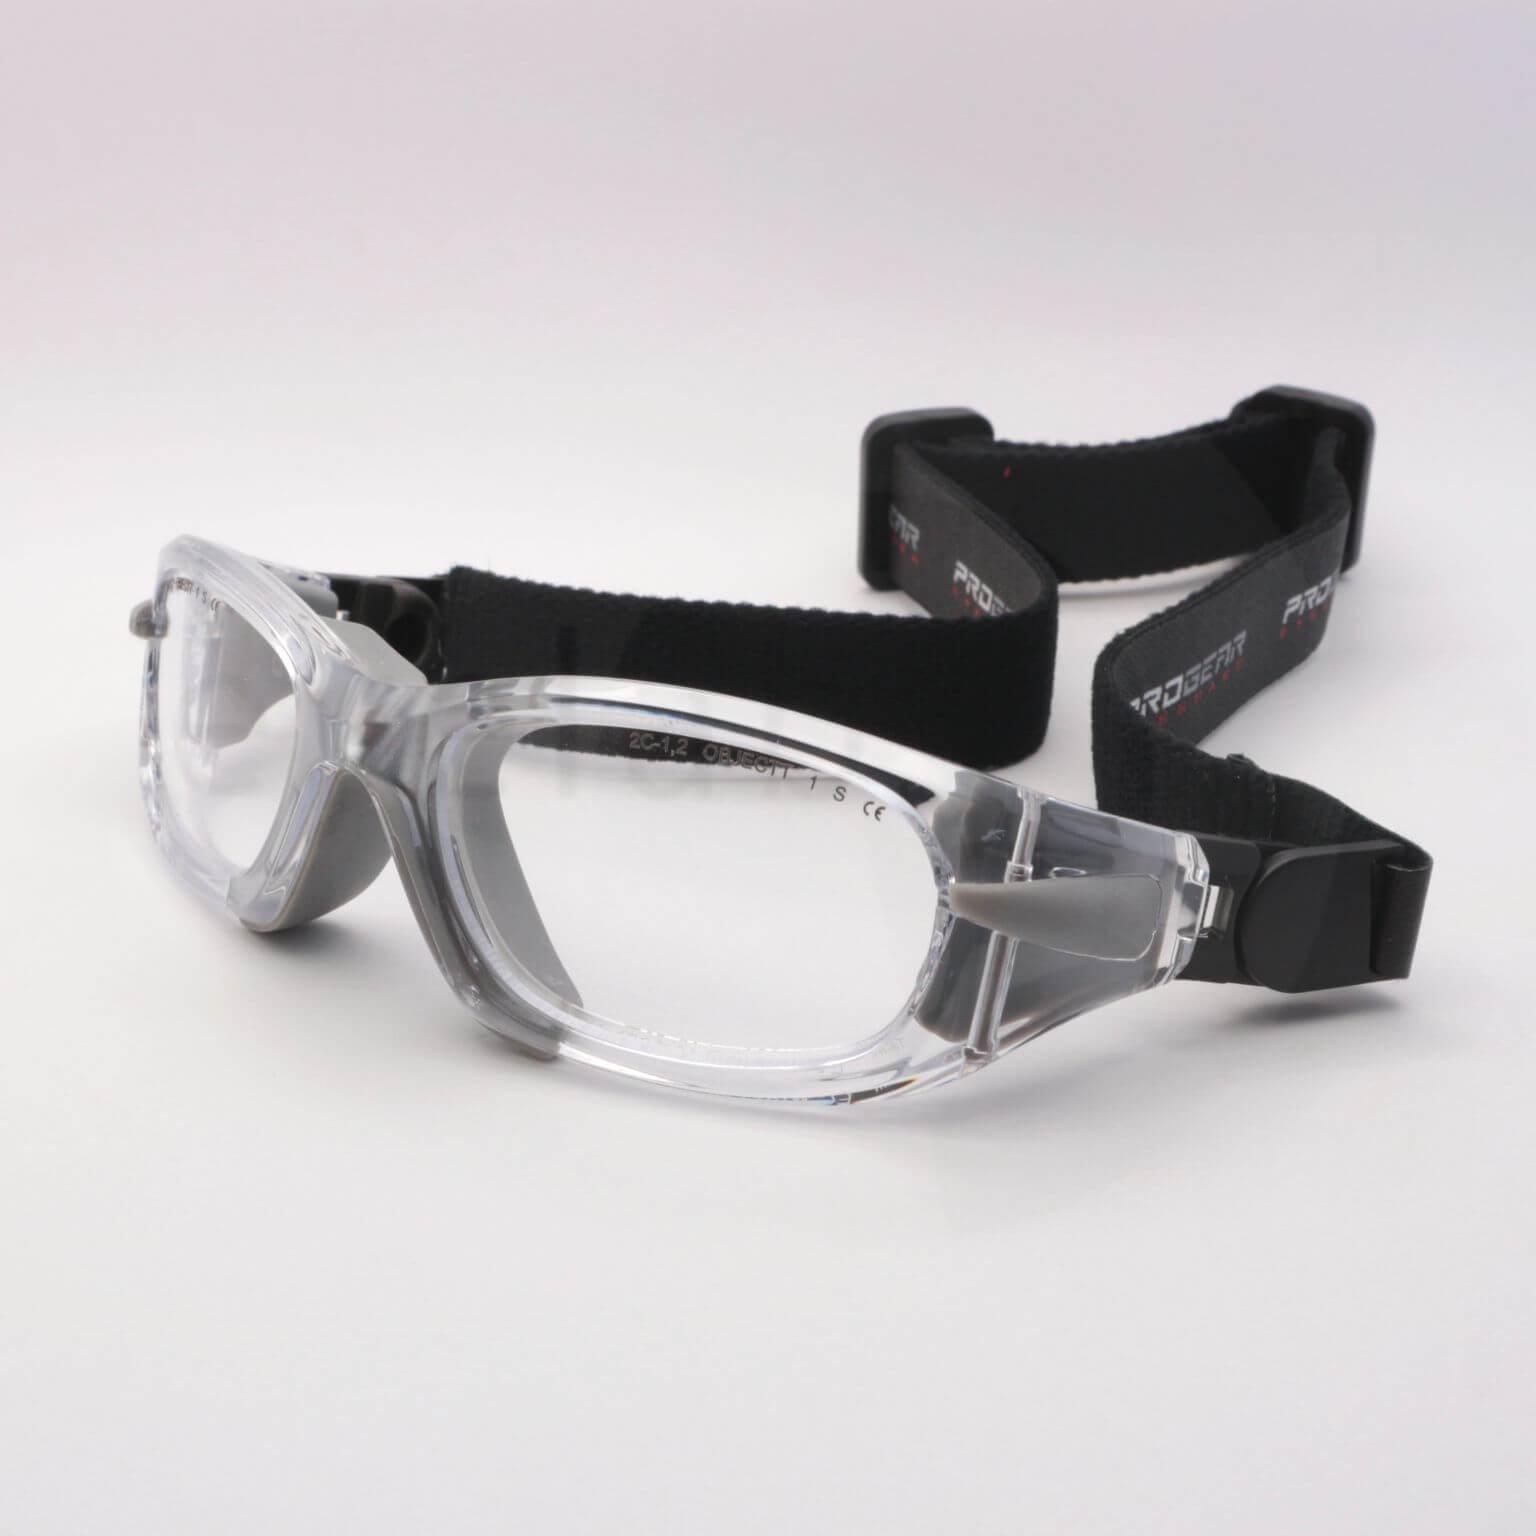 bc3dd0f842 Μάσκα αθλητισμού για γυαλιά οράσεως ProGear Eyeguard ~ Eyelab